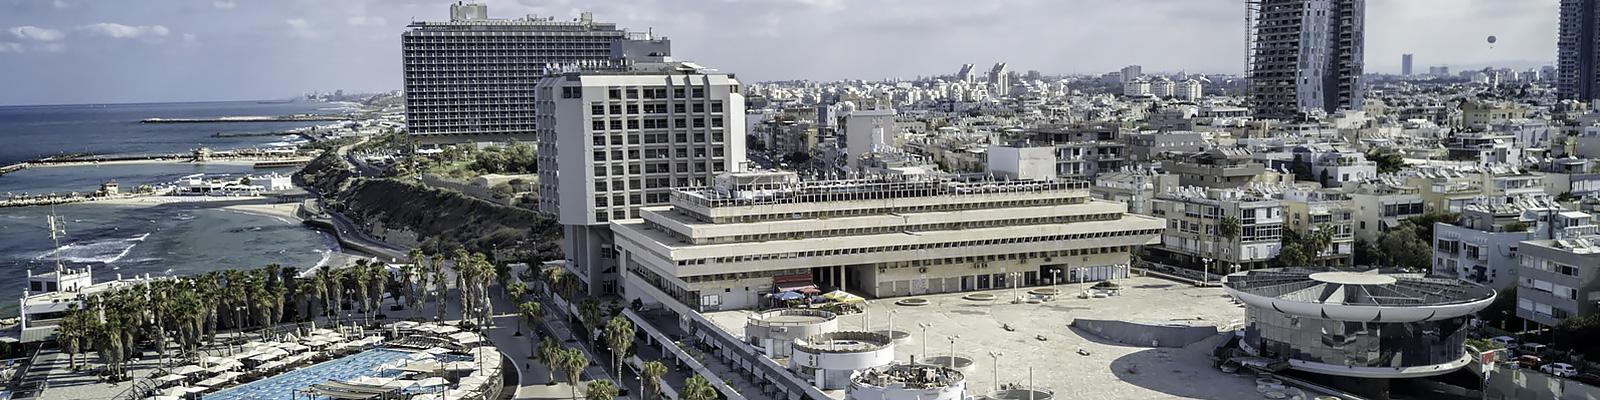 イスラエル 街 イメージ